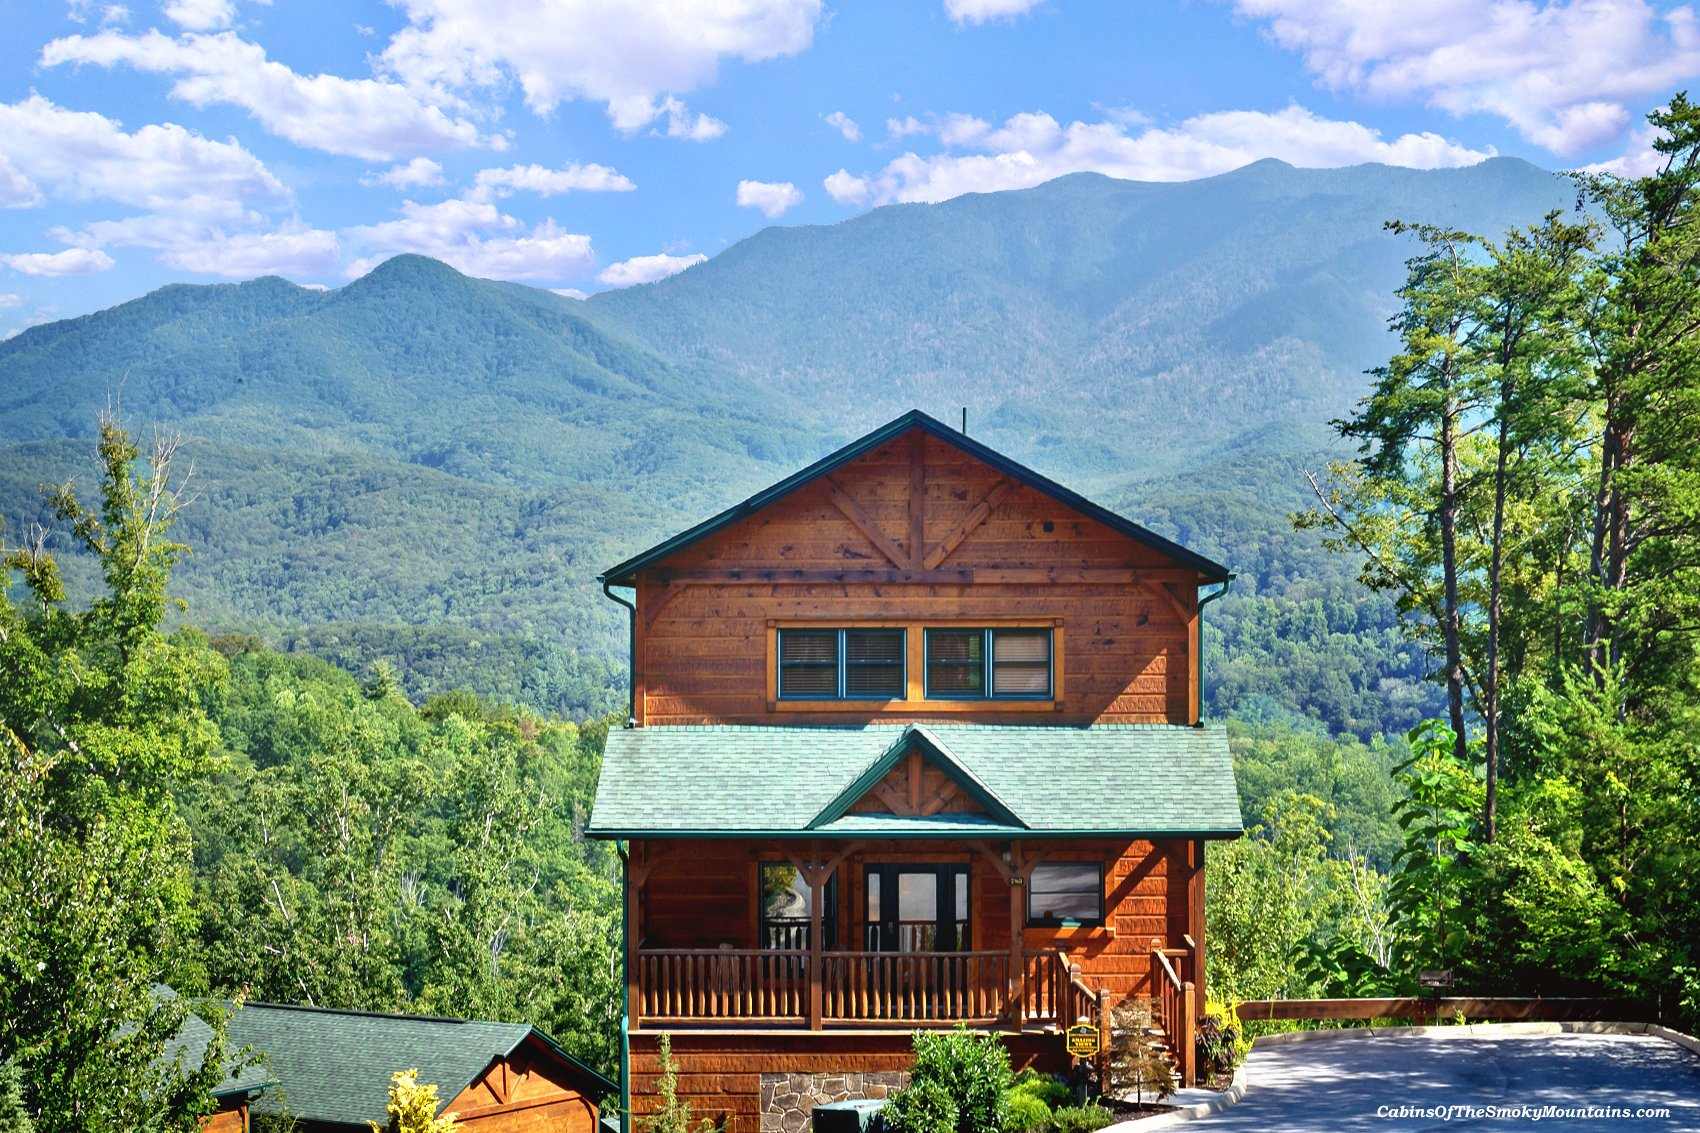 1 Bedroom Cabin In Gatlinburg Tn Passion Peak 1 Bedroom Cabin Gatlinburg Falls